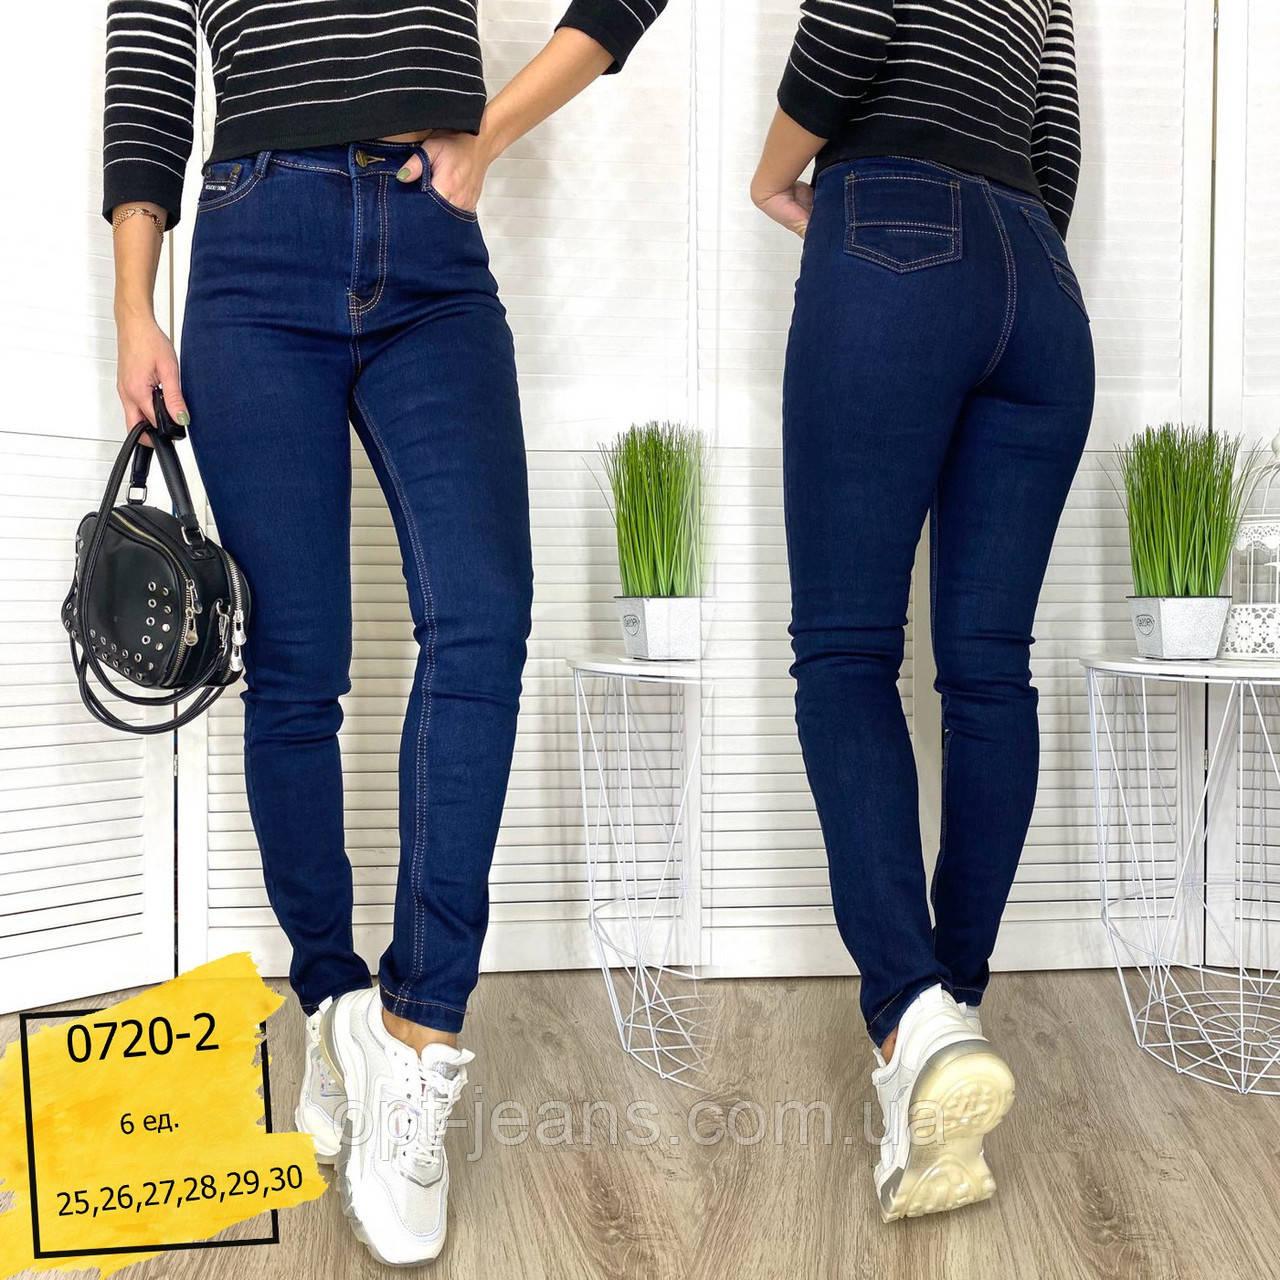 Relucky женские Американка джинсы на байке (25-30/6ед.)